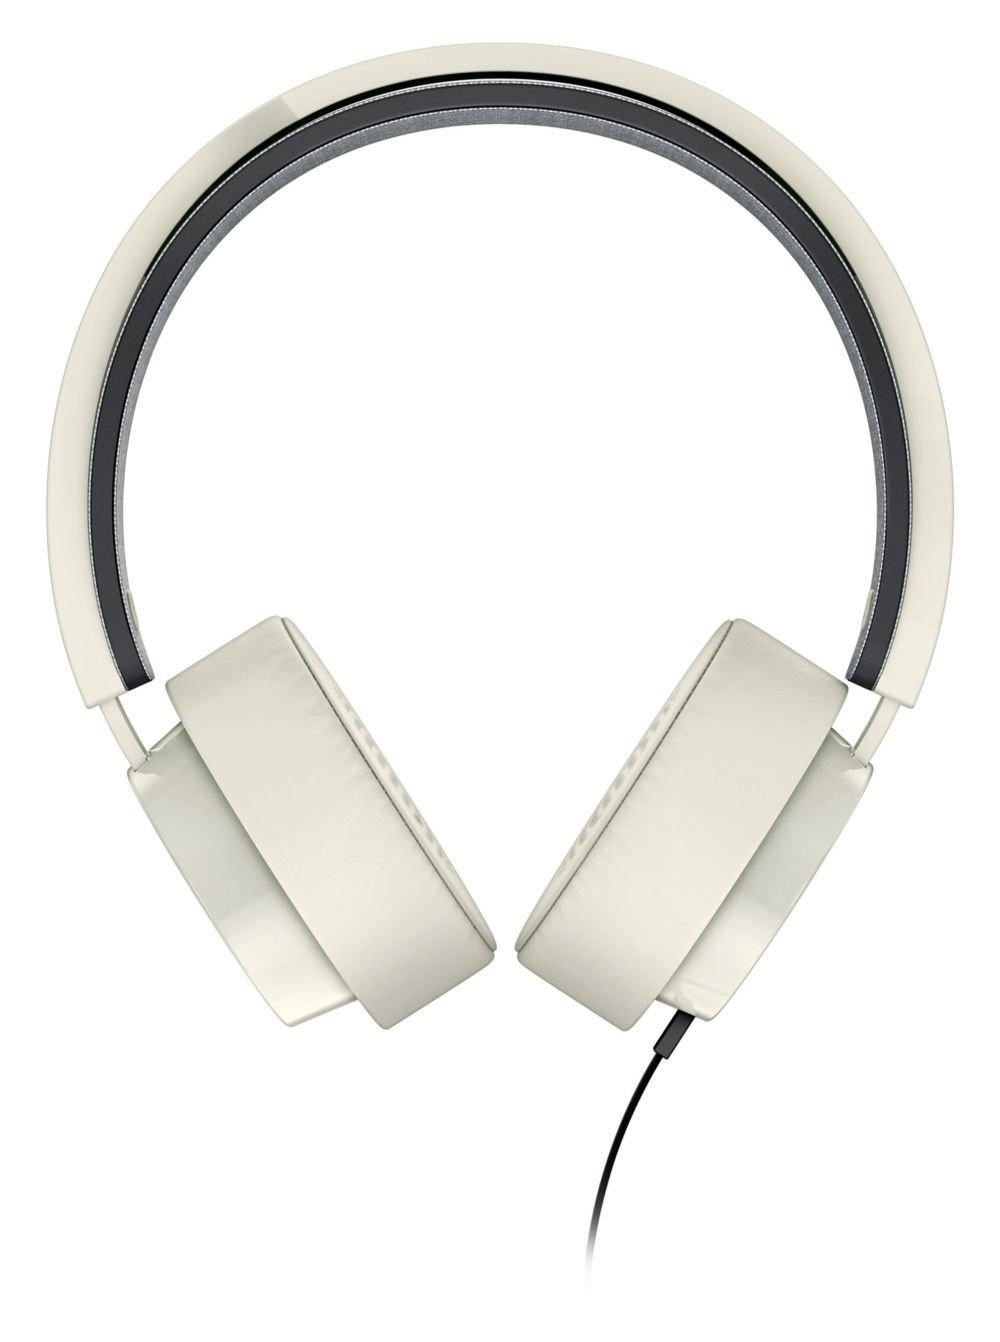 Philips SHL5200WT - Auriculares de diadema abiertos (reducción de ruido), blanco  Electrónica Revisión del cliente y más noticias